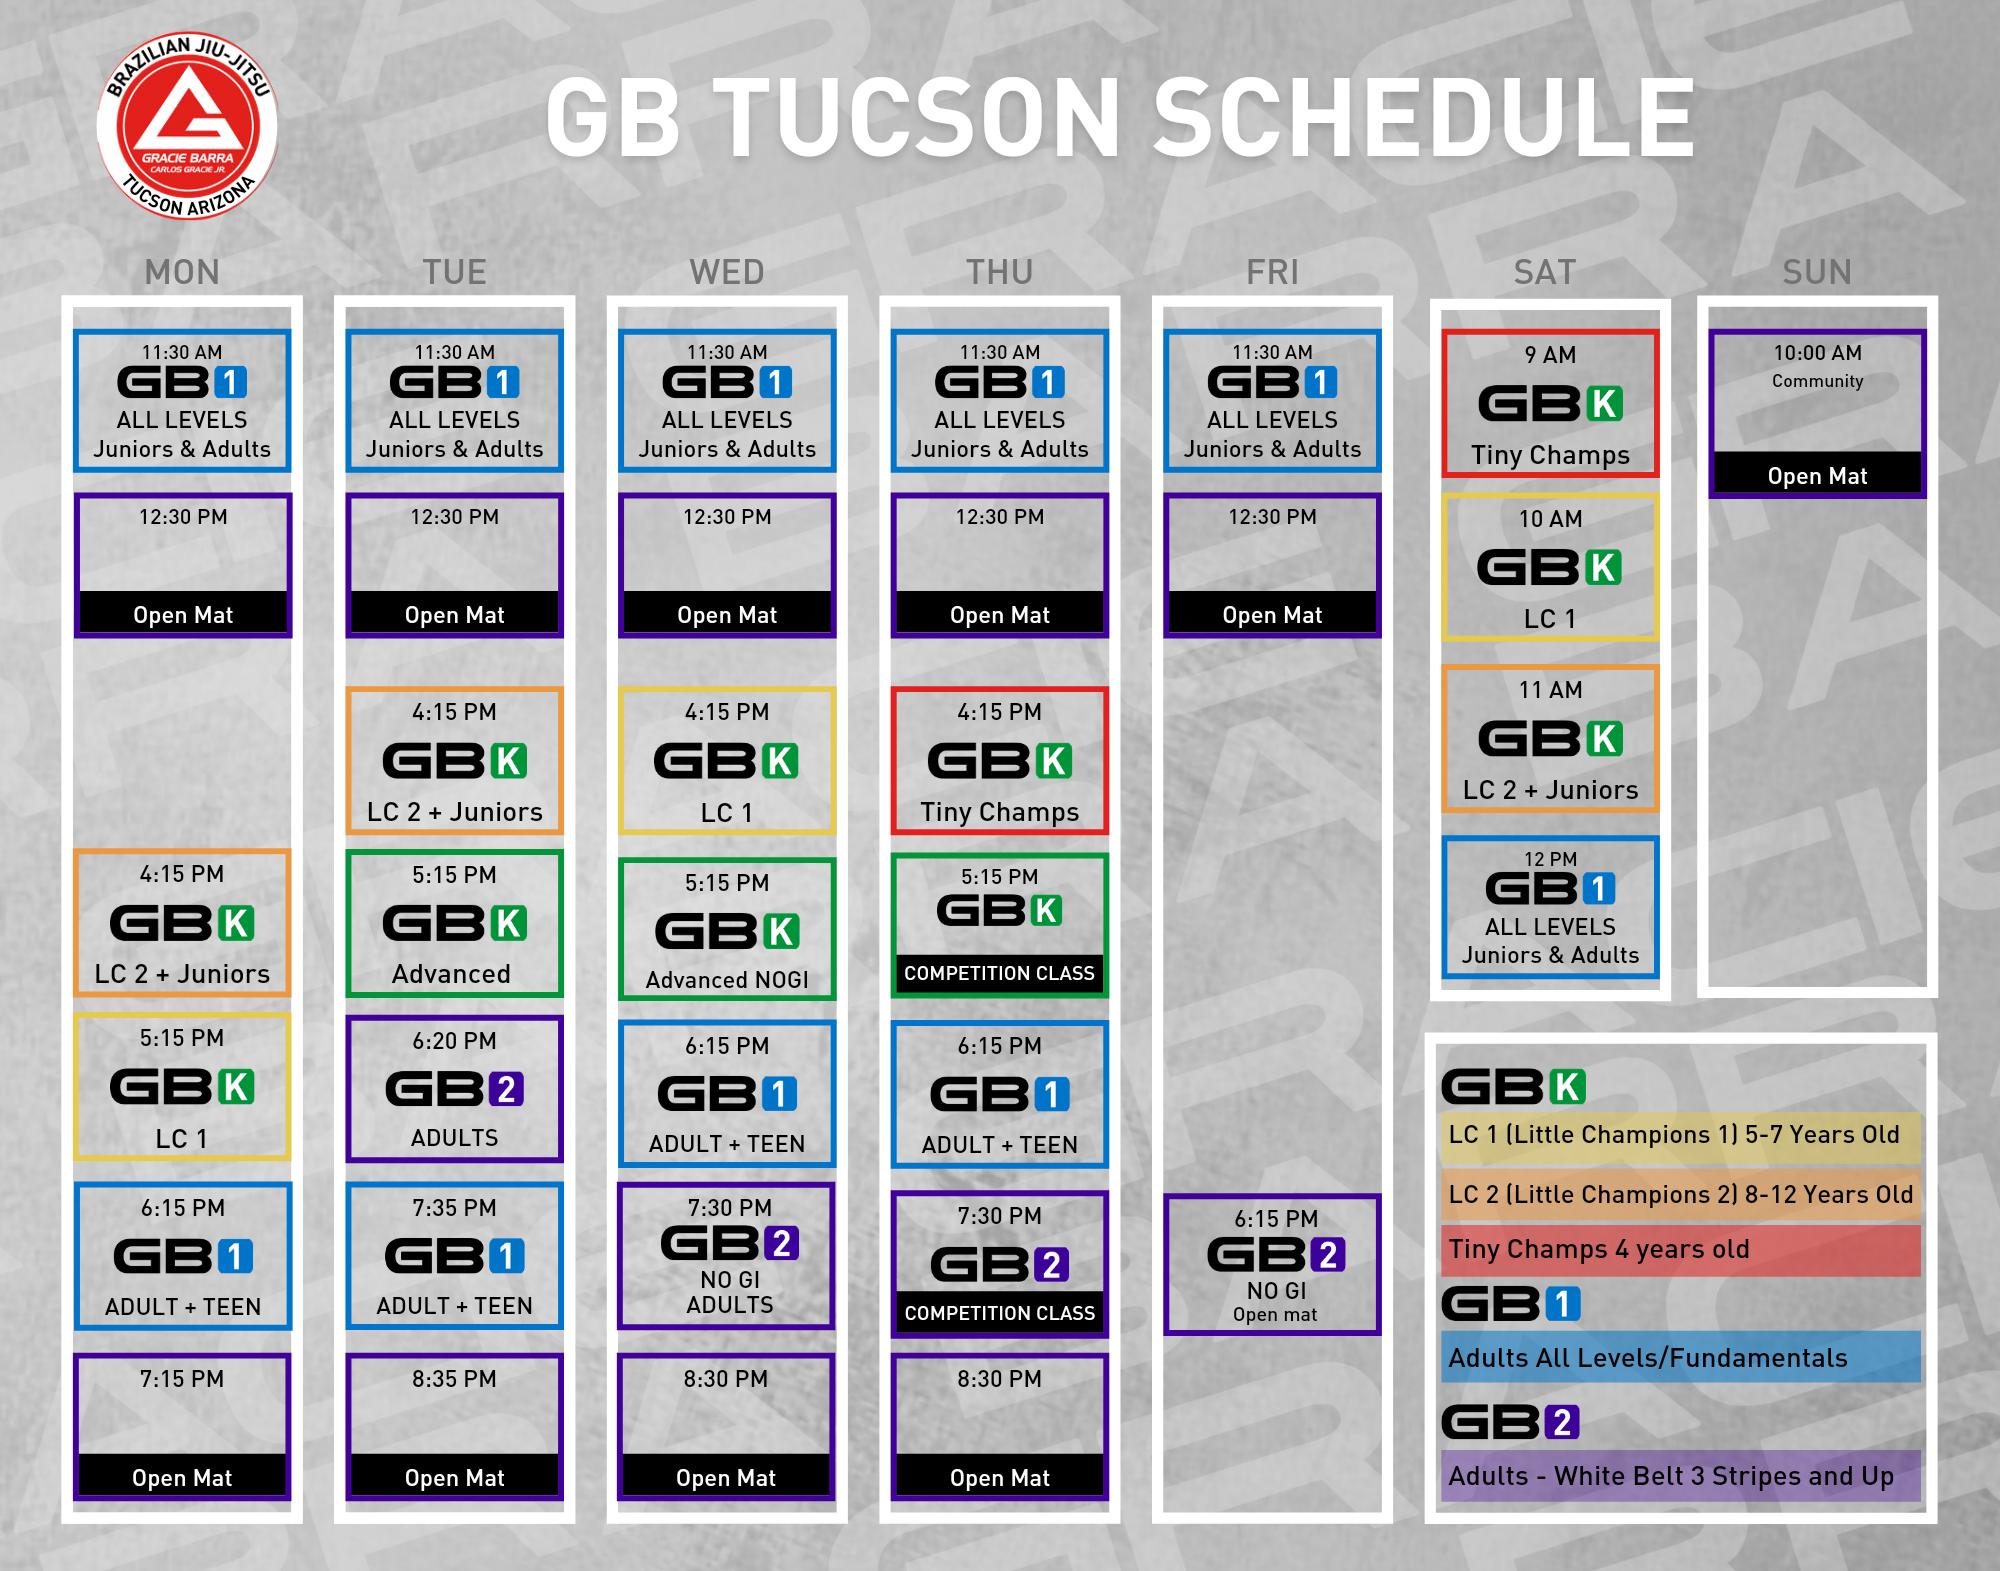 GB Tucson Schedule